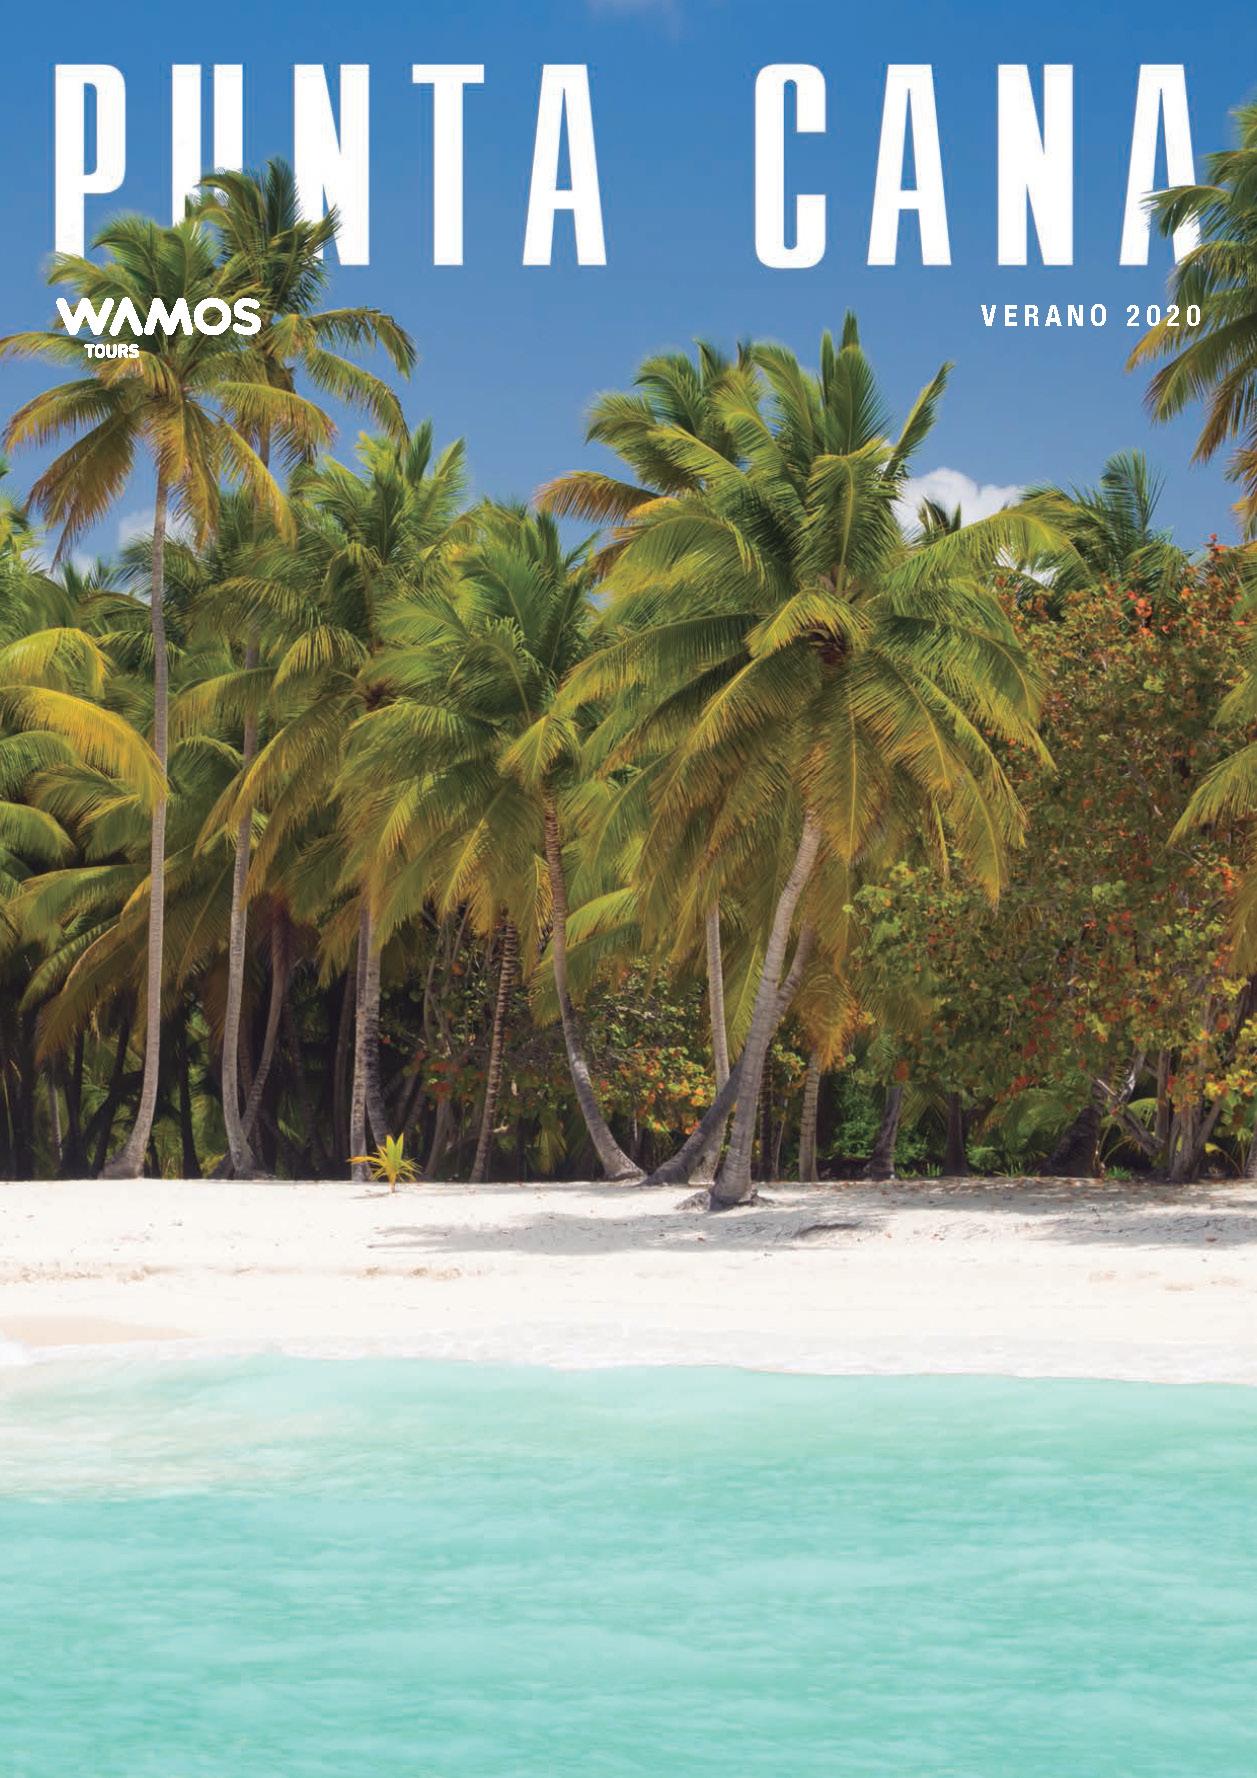 Catalogo Wamos Tours Punta Cana Verano 2020